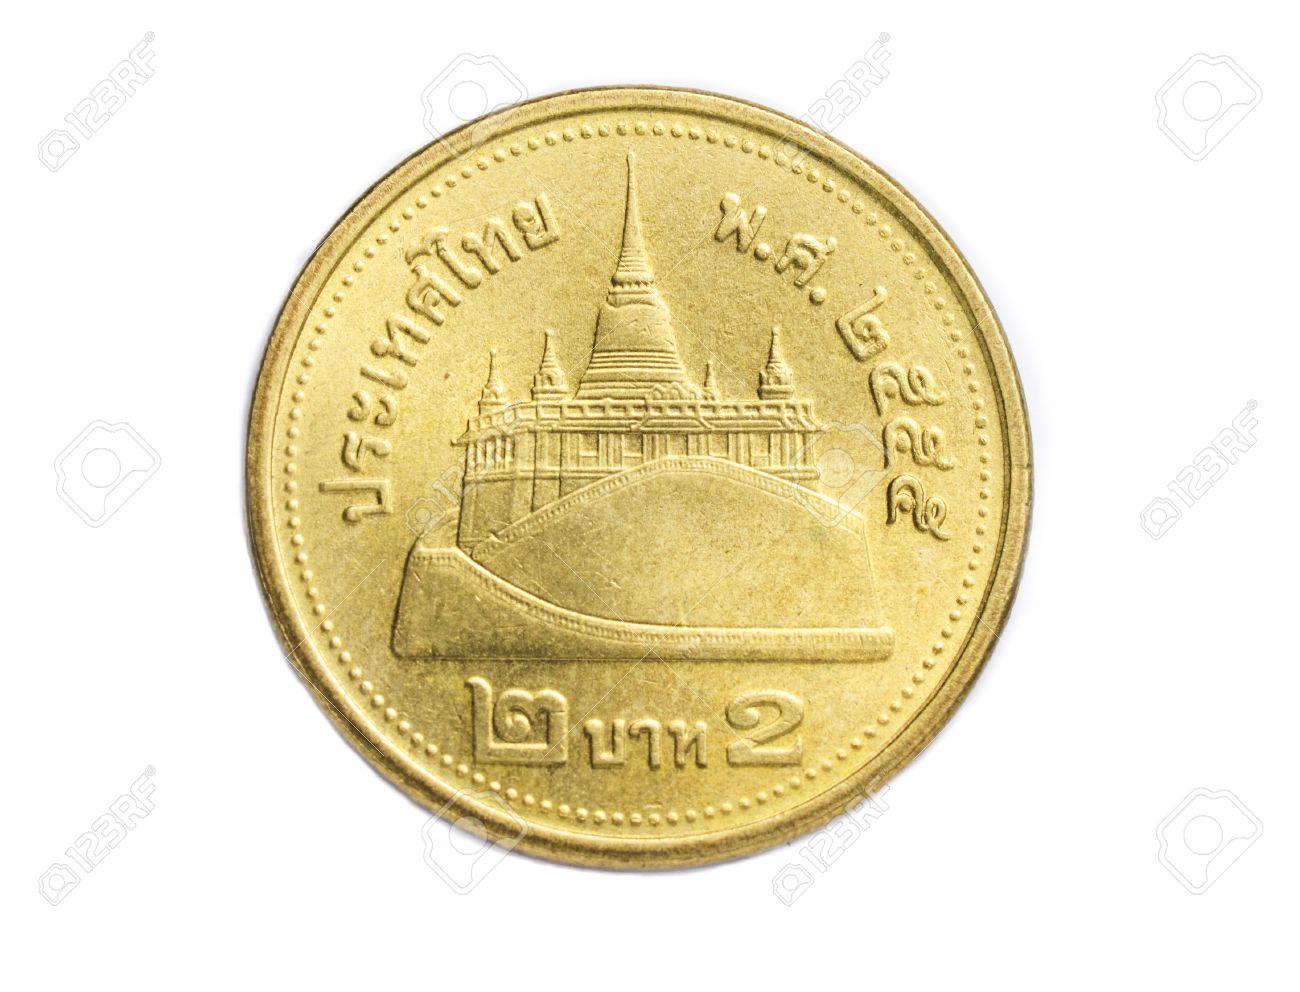 Thai 2 Baht Münze Lizenzfreie Fotos Bilder Und Stock Fotografie